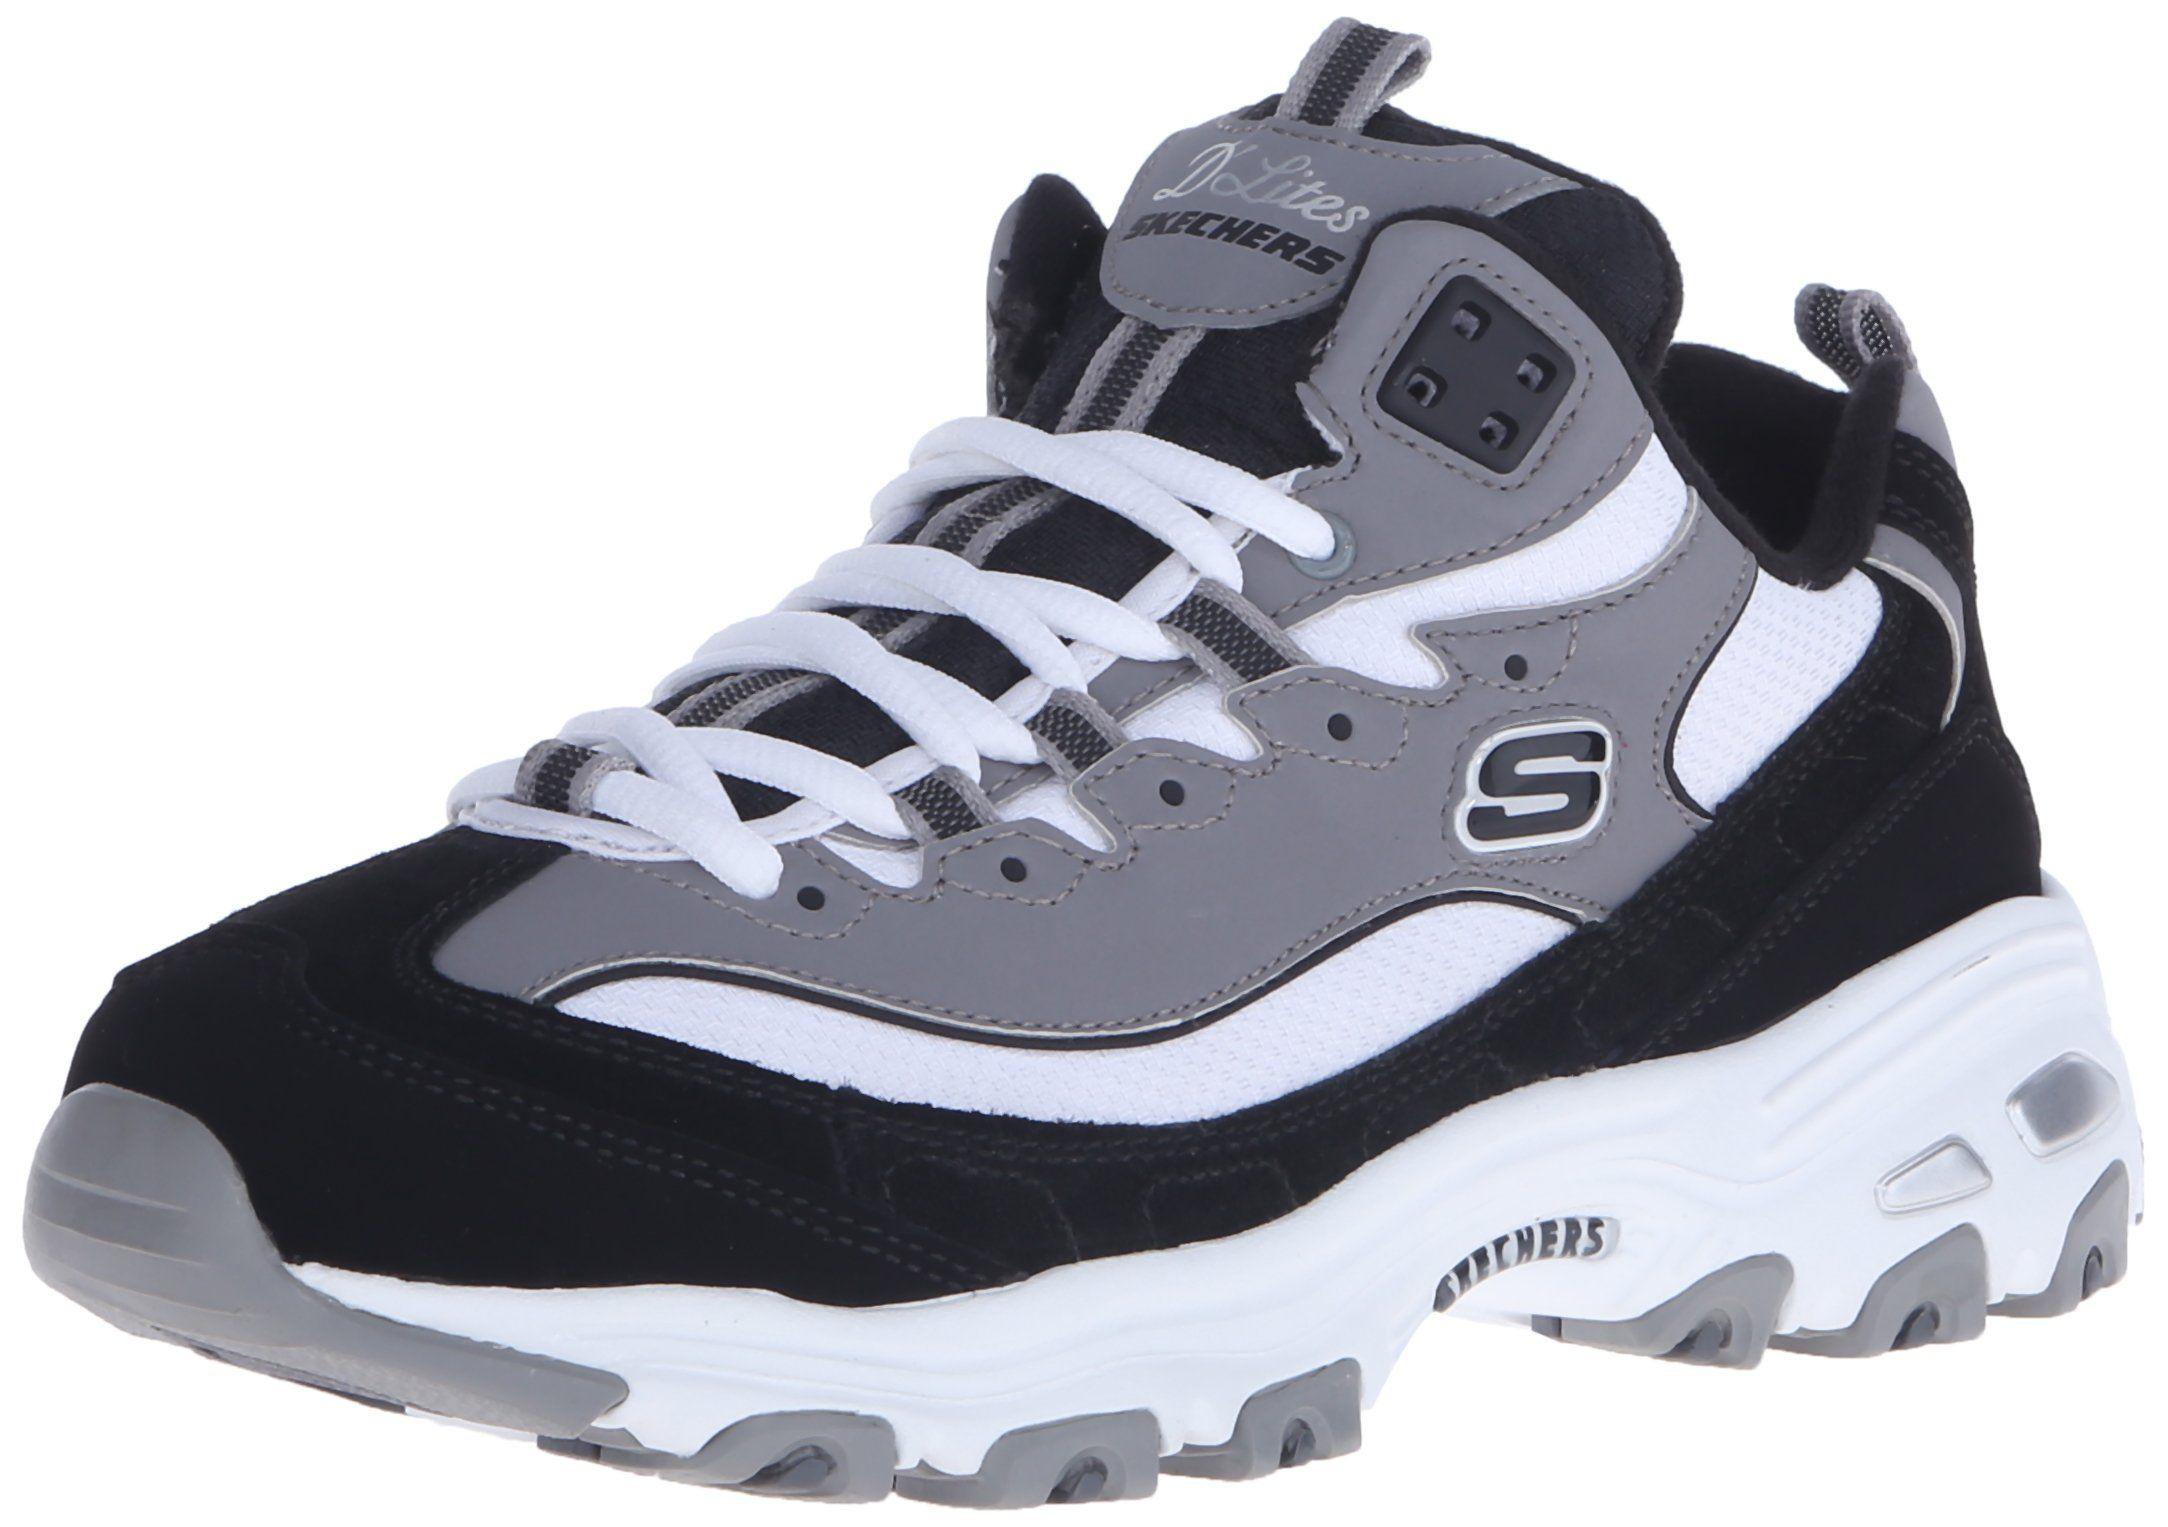 3efe678a0a50 Skechers Sport Women s D Lites Memory Foam Lace-Up Sneaker